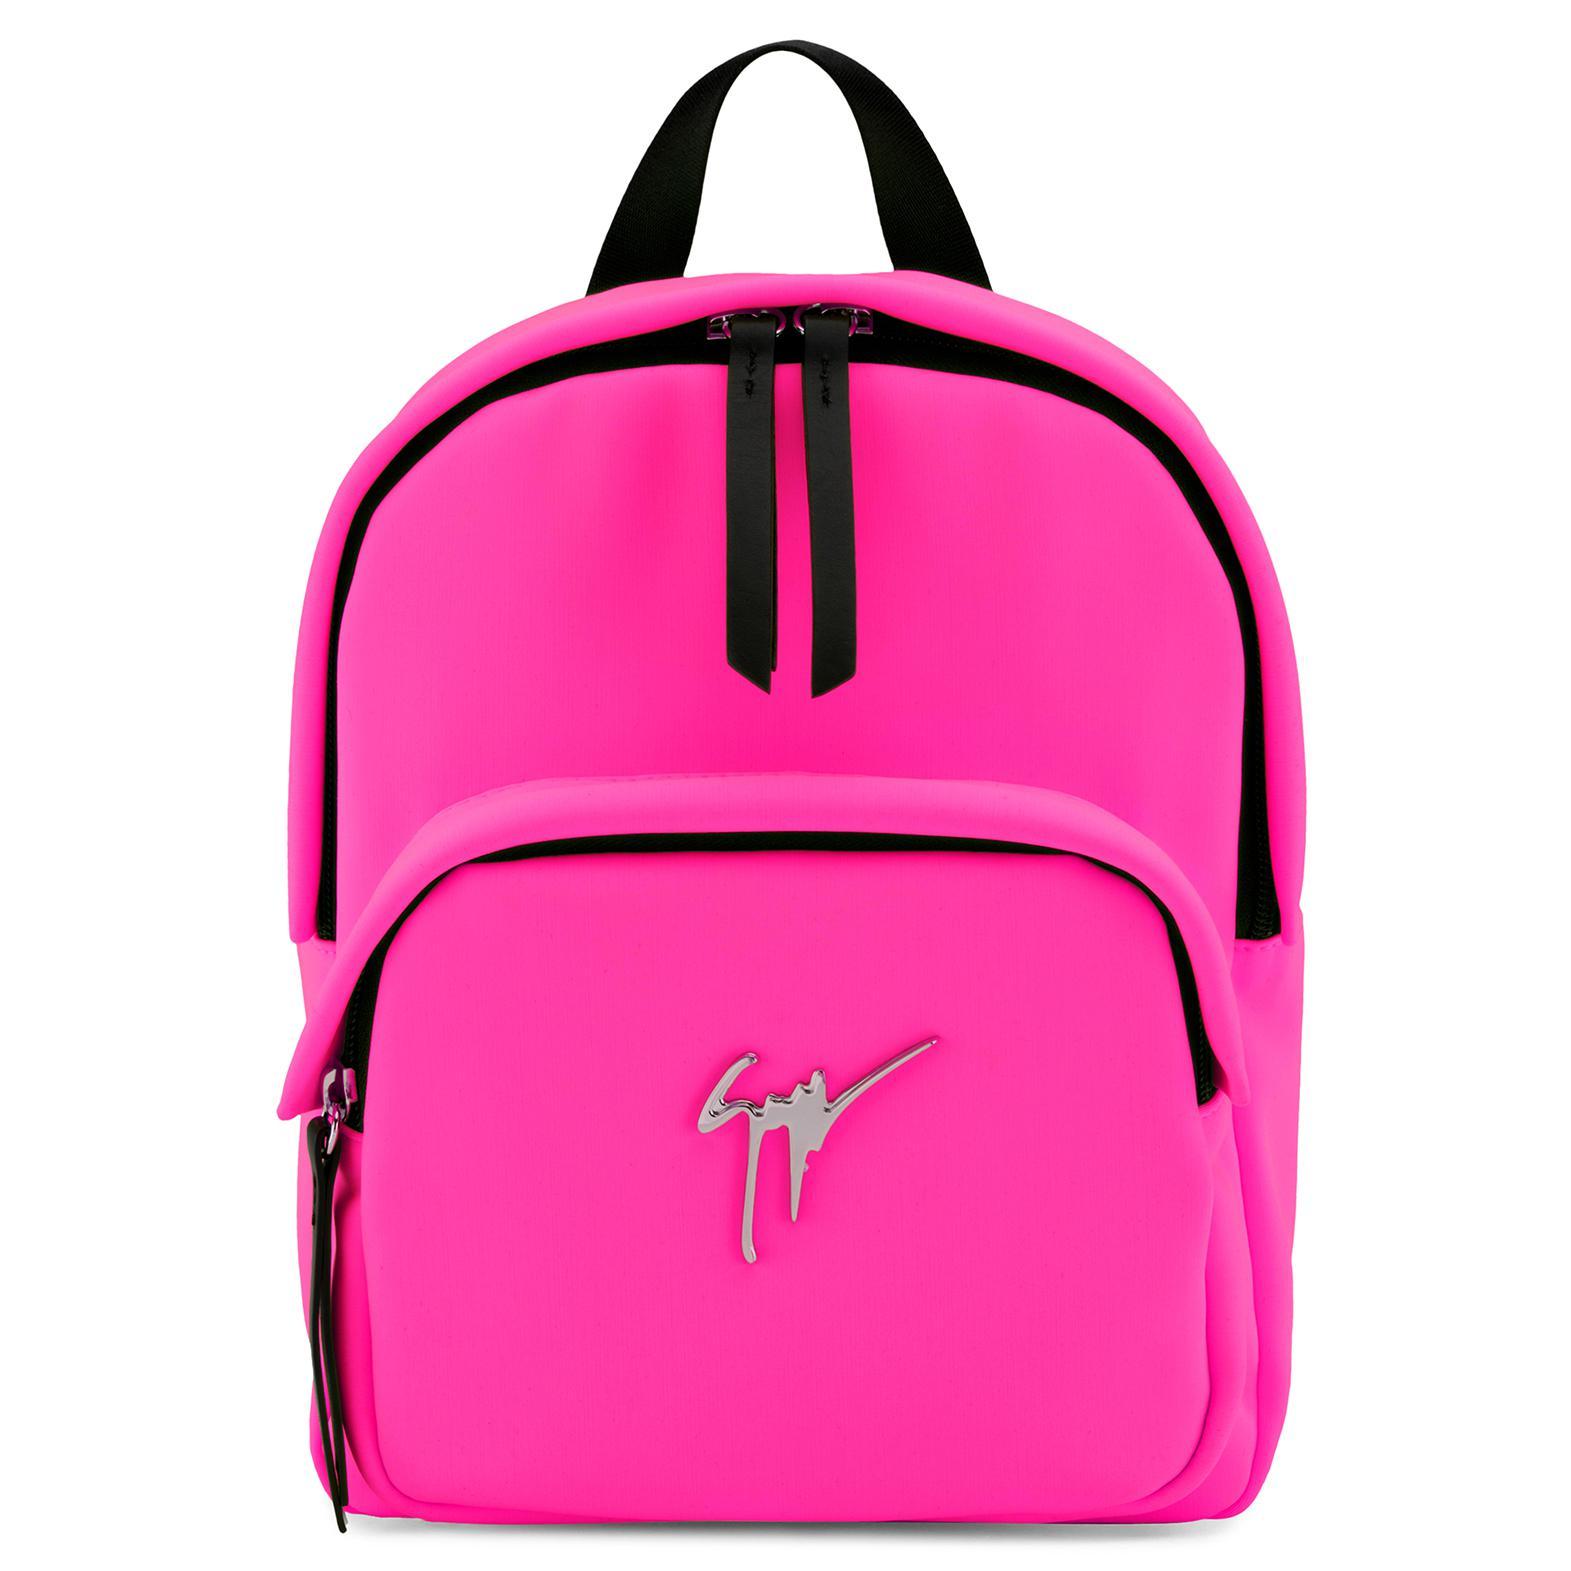 Giuseppe Zanotti - Pink velvet and leather backpack CECIL VELVET 4yEsPXd